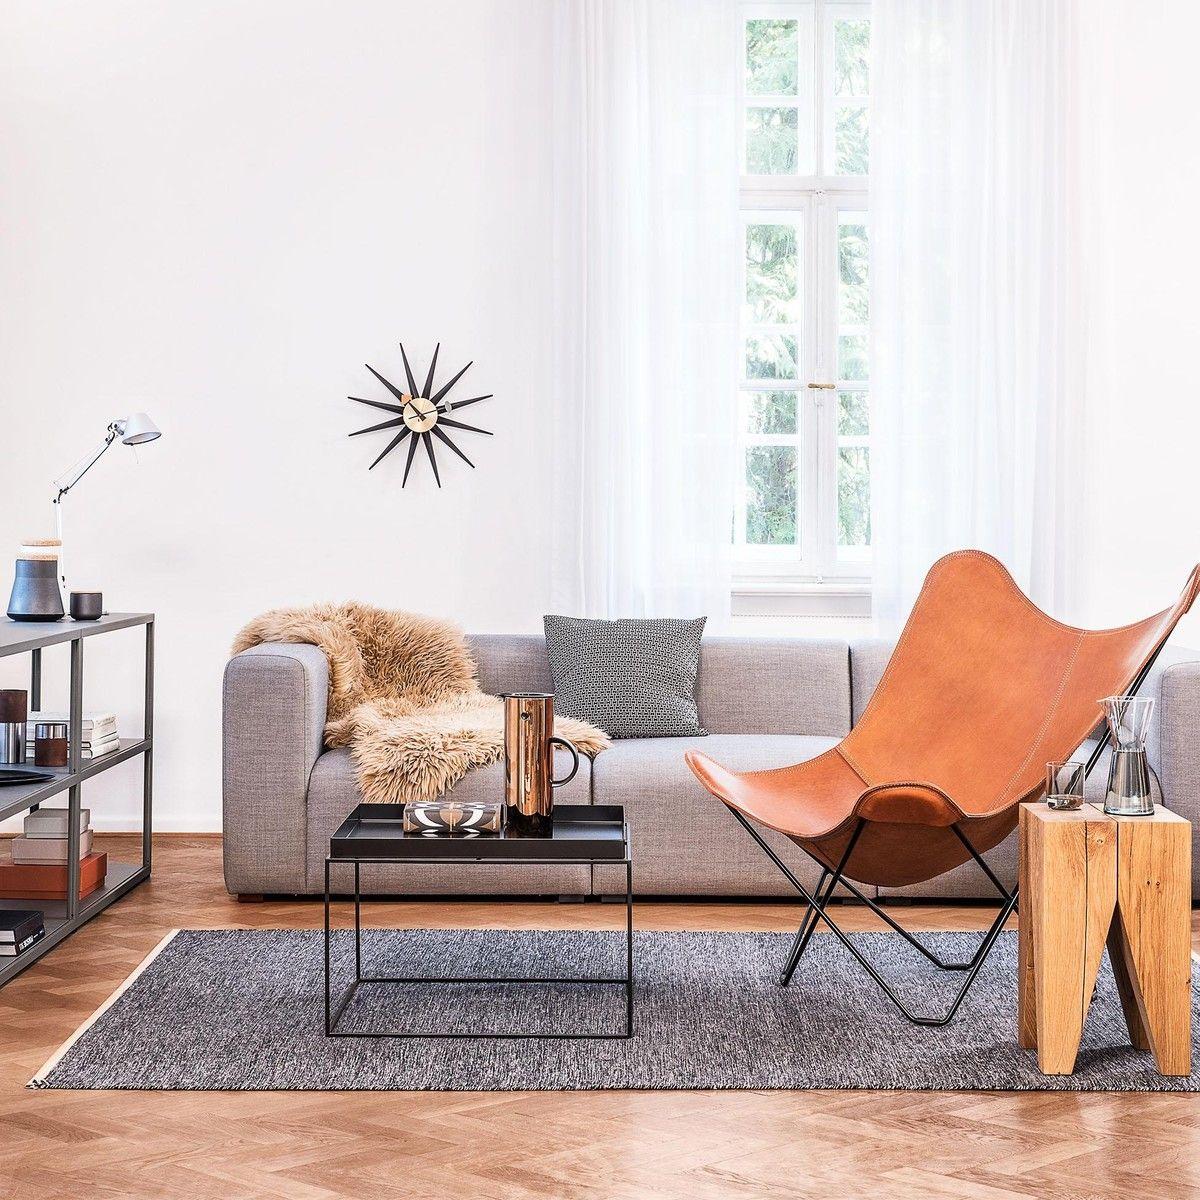 Bildergebnis für hay tray table | Furniture | Pinterest | Hay tray ...